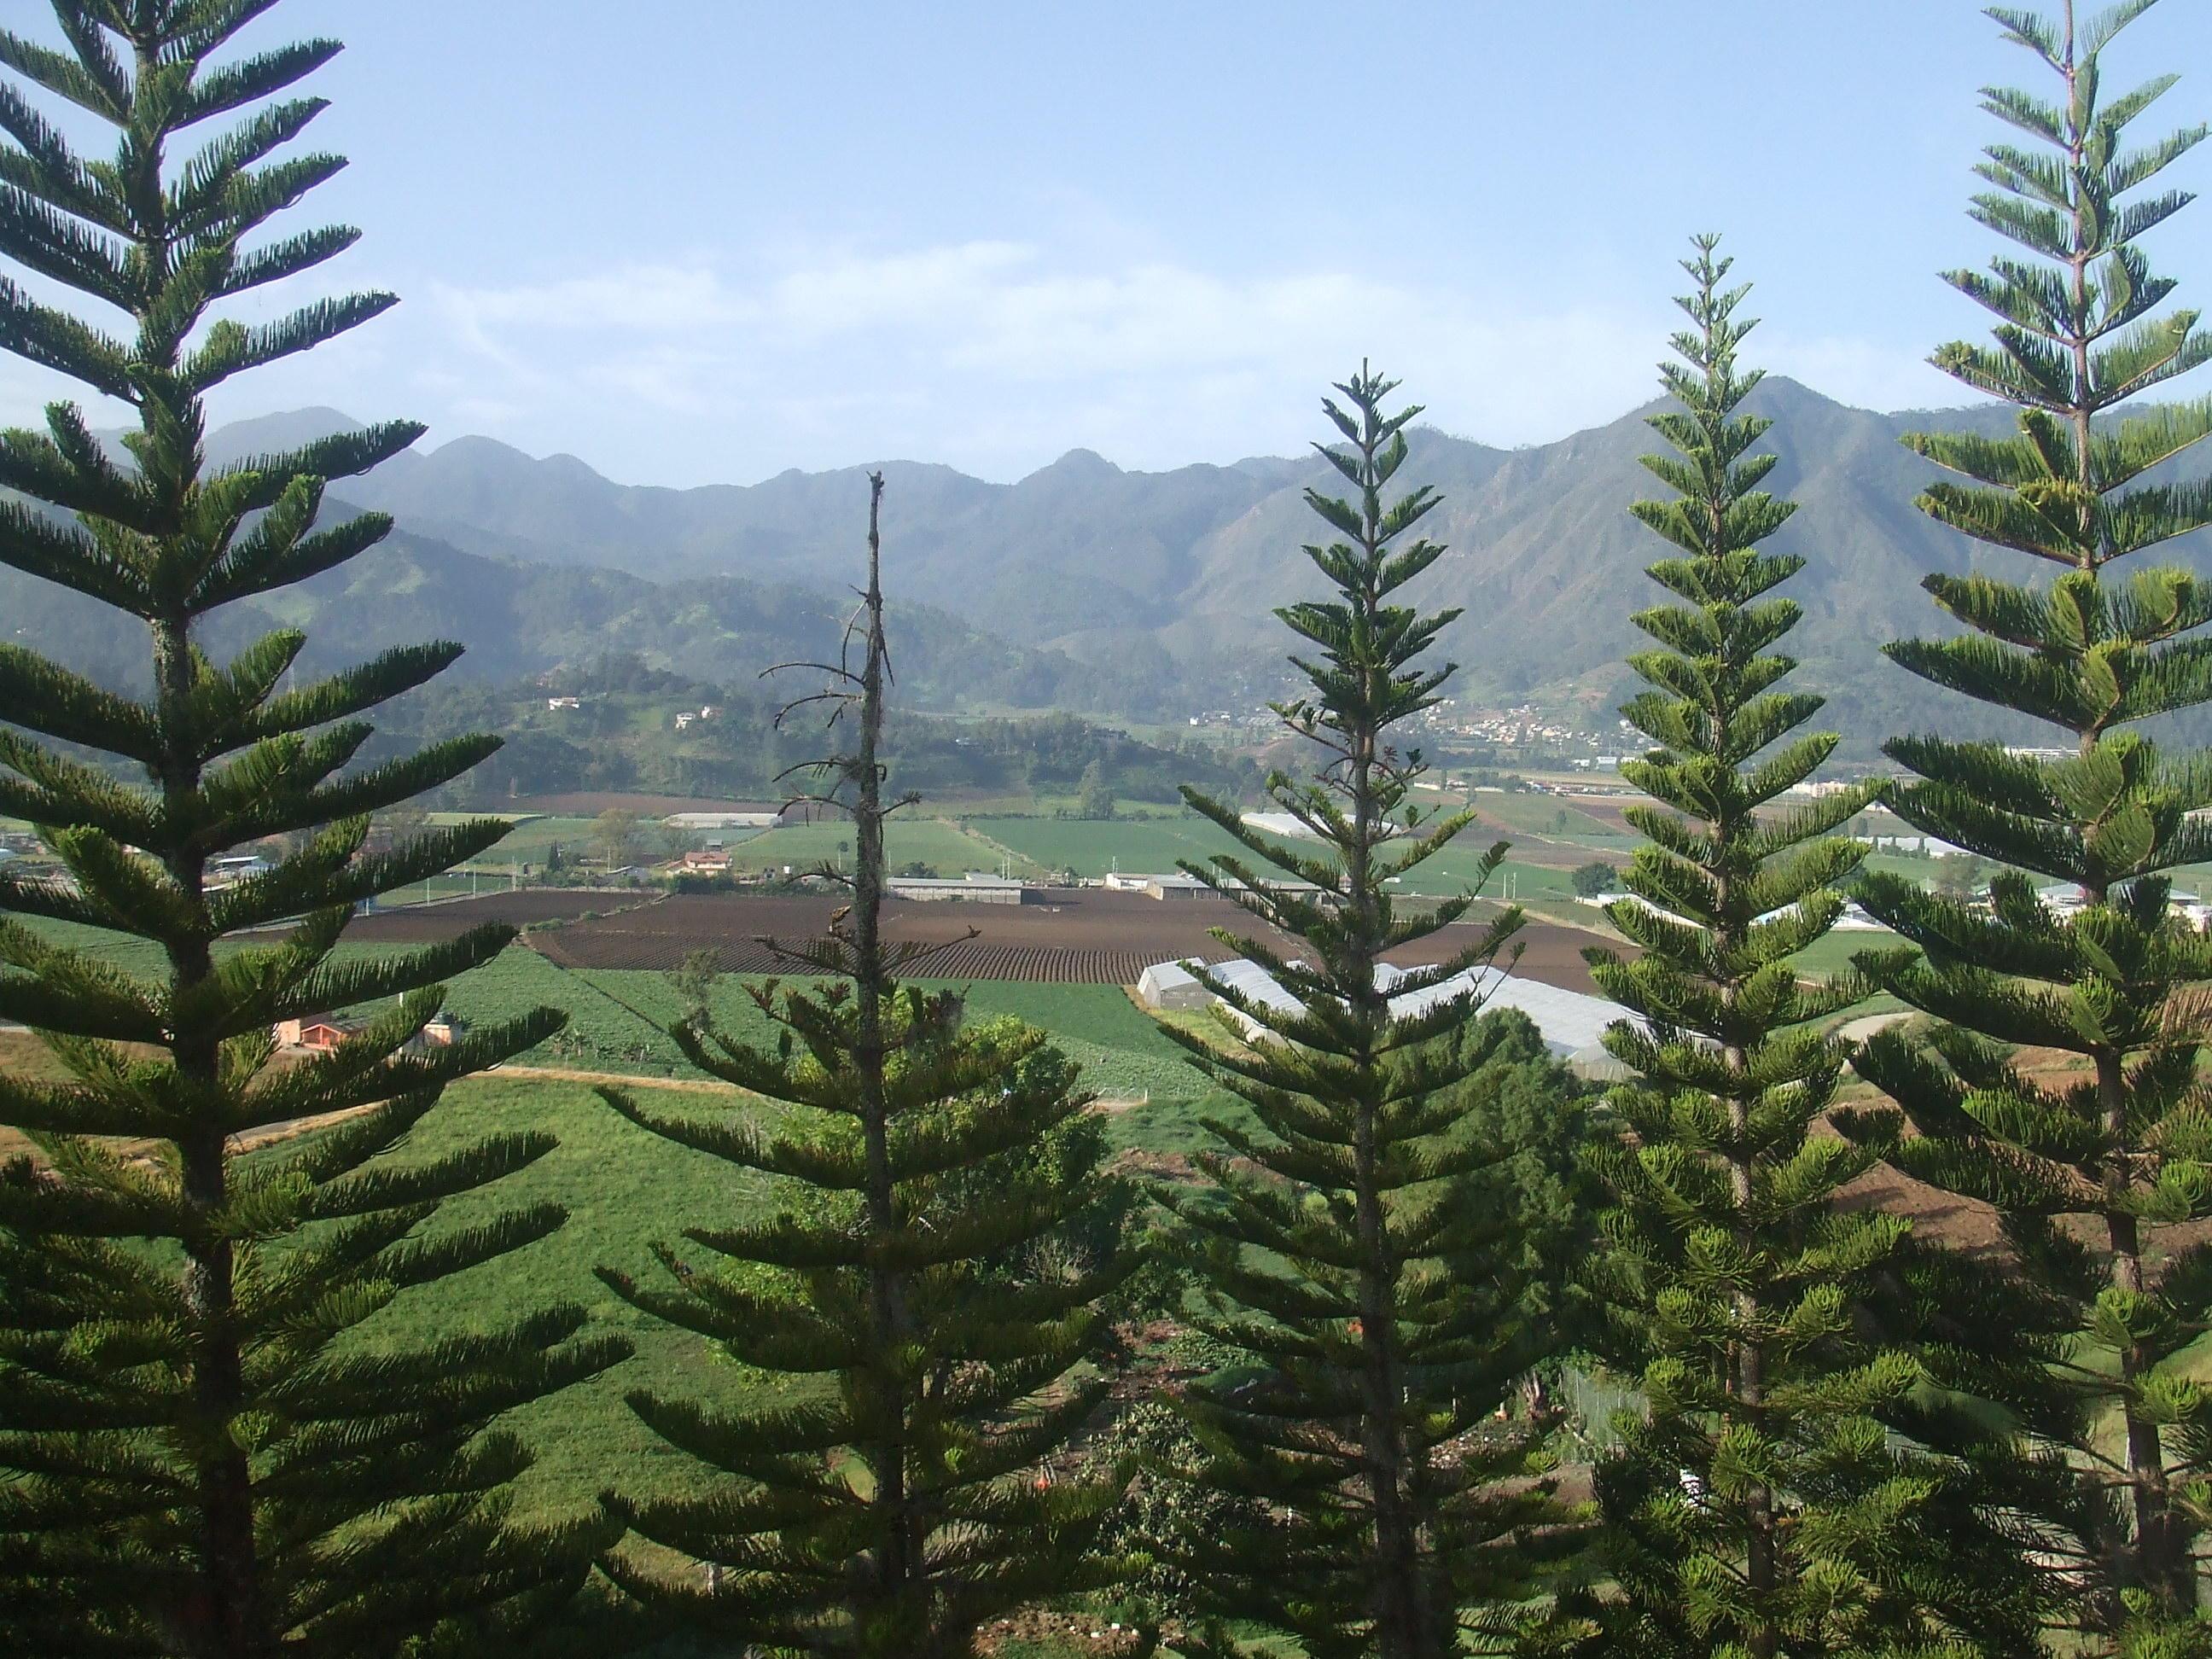 ドミニカ共和国の観光地、丘陵地編